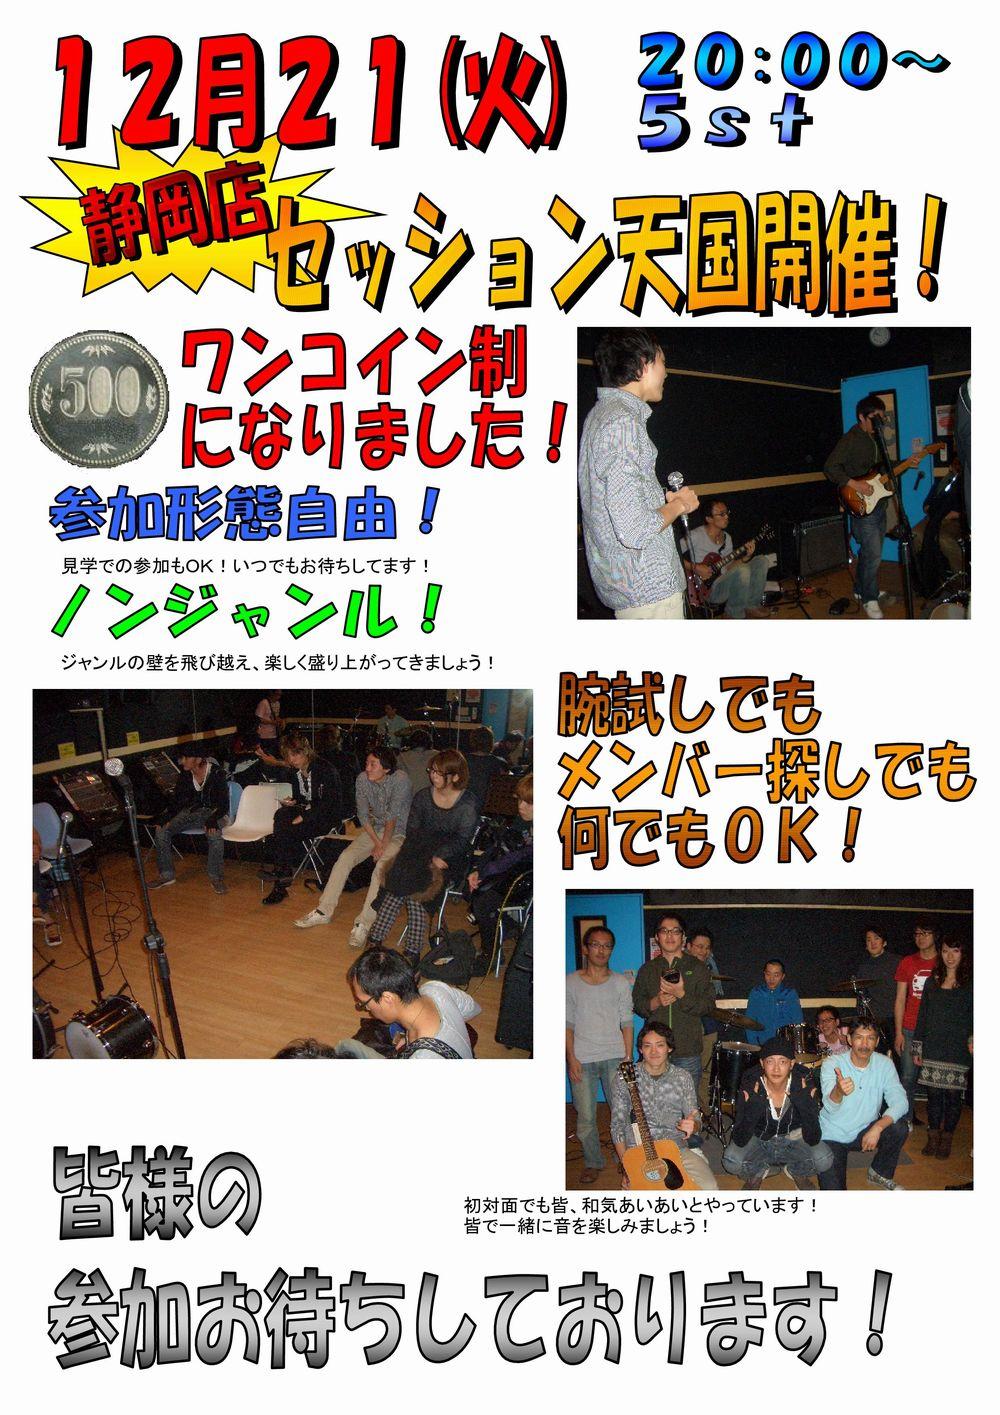 音楽天国・静岡駿河店のセッション天国